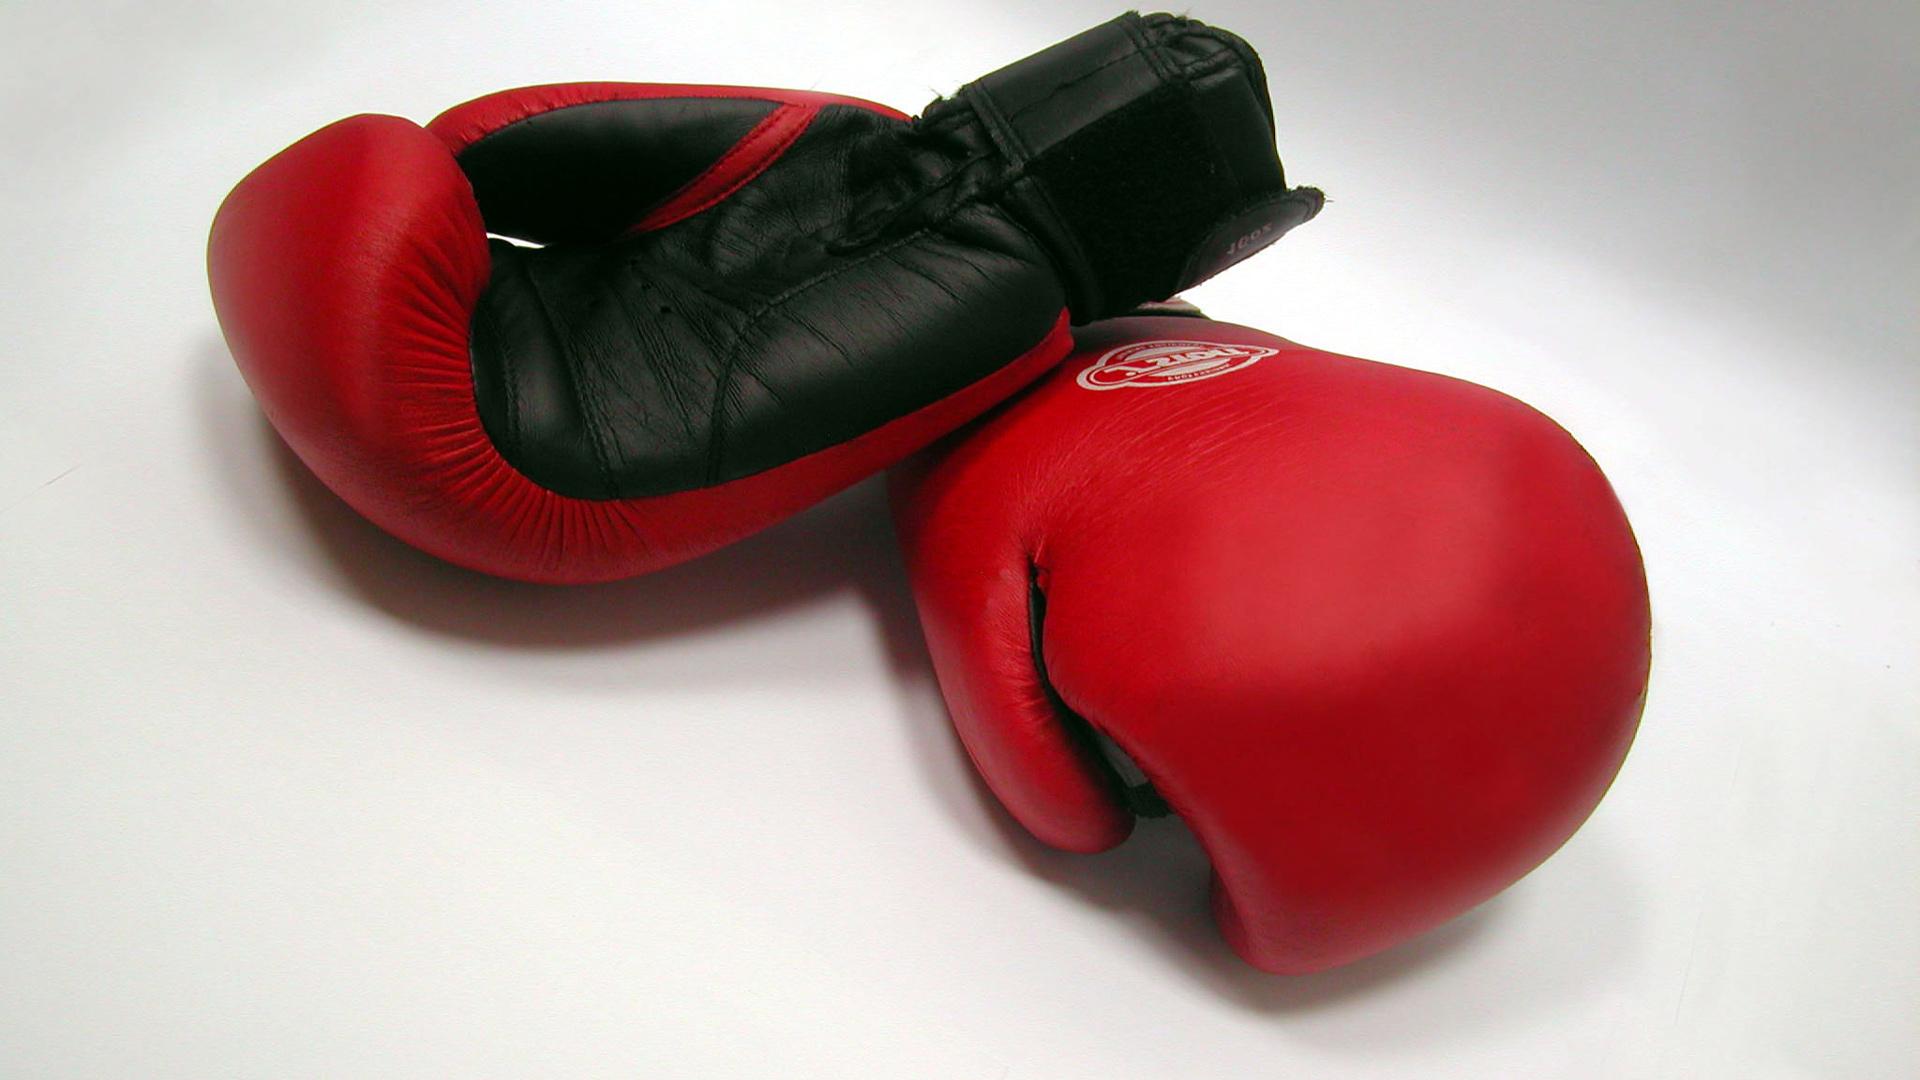 парней, мальчиков, картинки бокс модуляр для интерьера